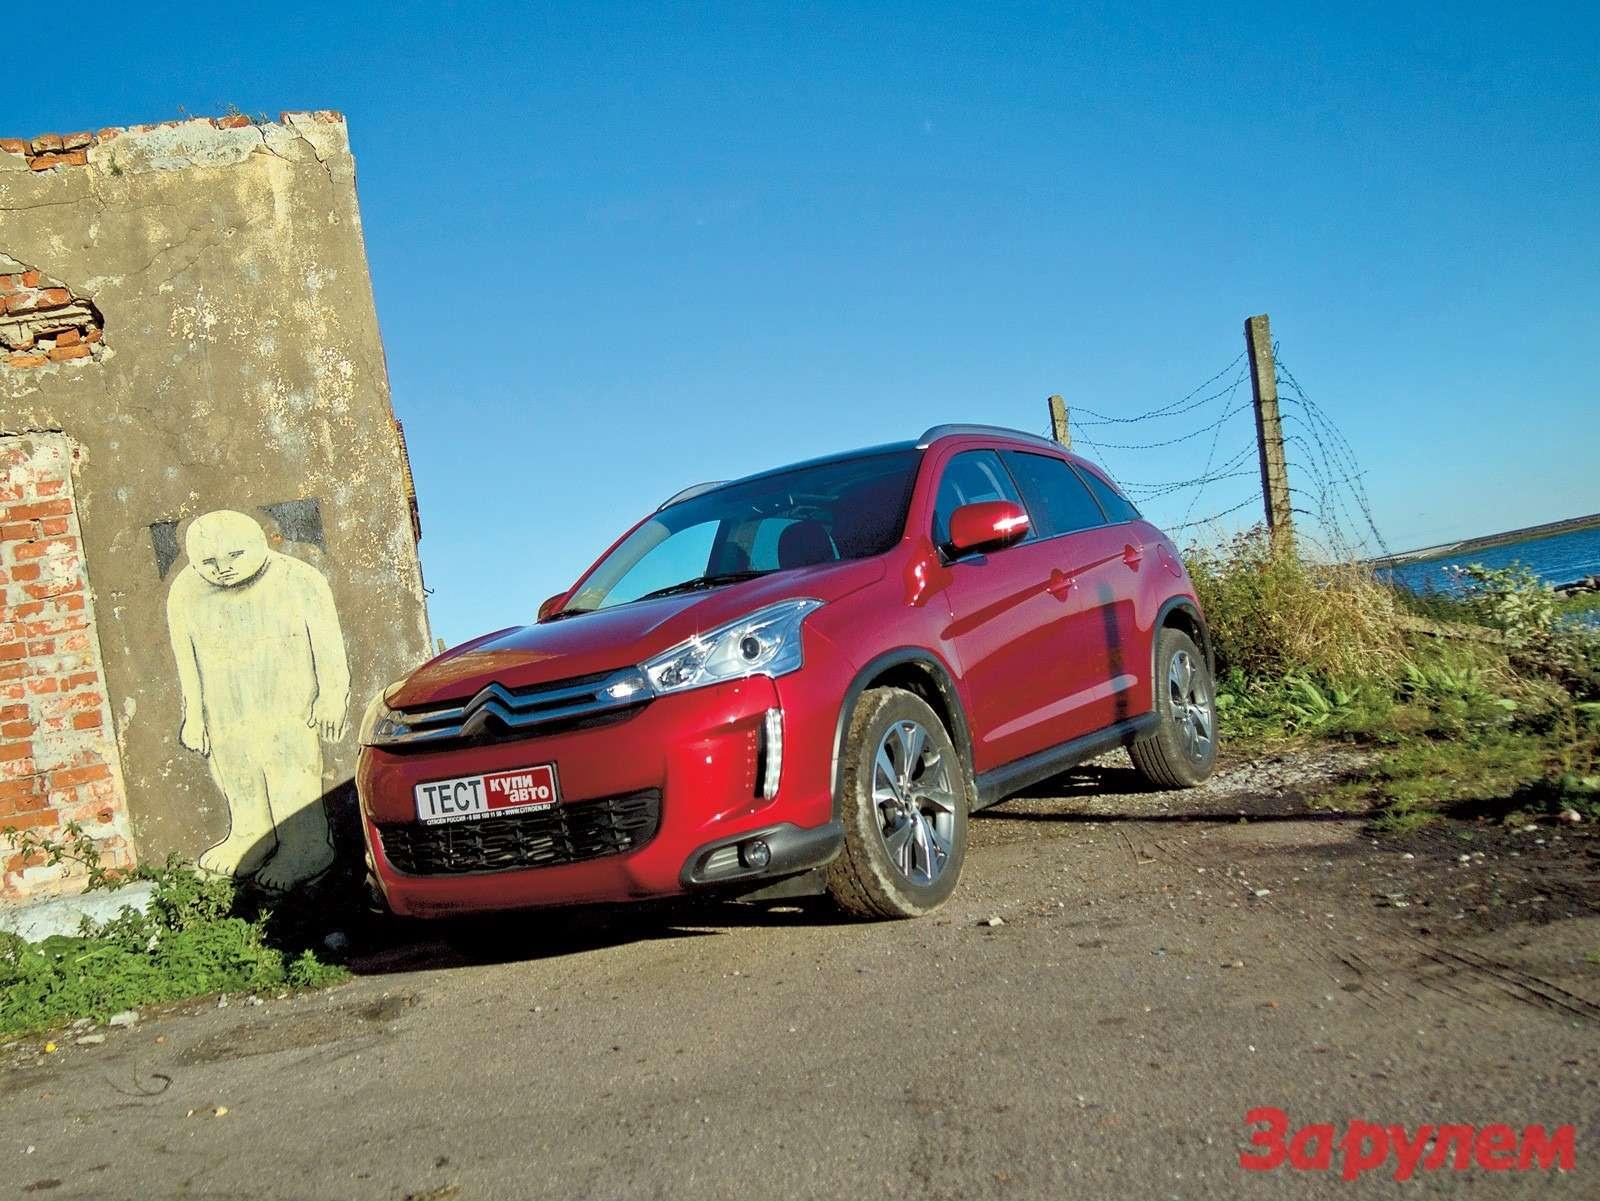 «Ситроен-С4-Эйкросс-4WD», от1089000 руб., КАР от10,23 руб.,км